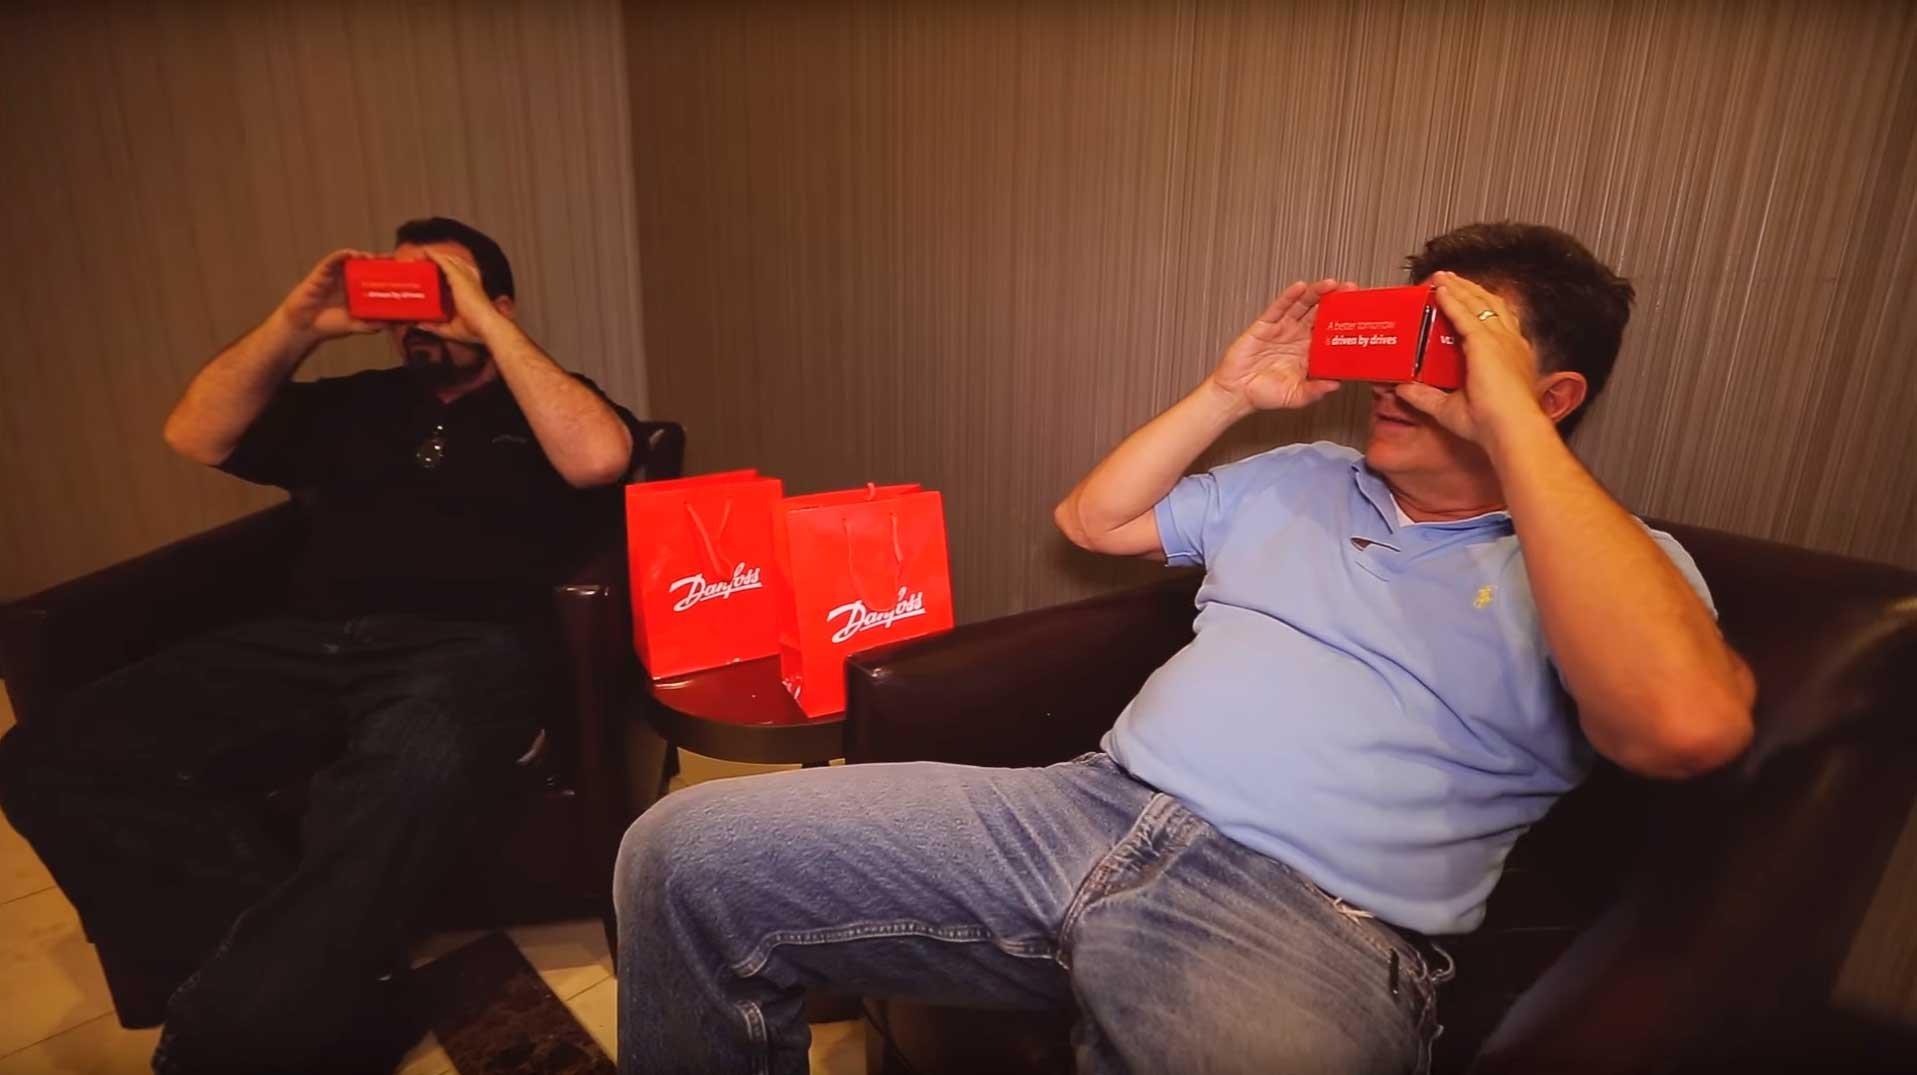 Danfos---VR-med-logo